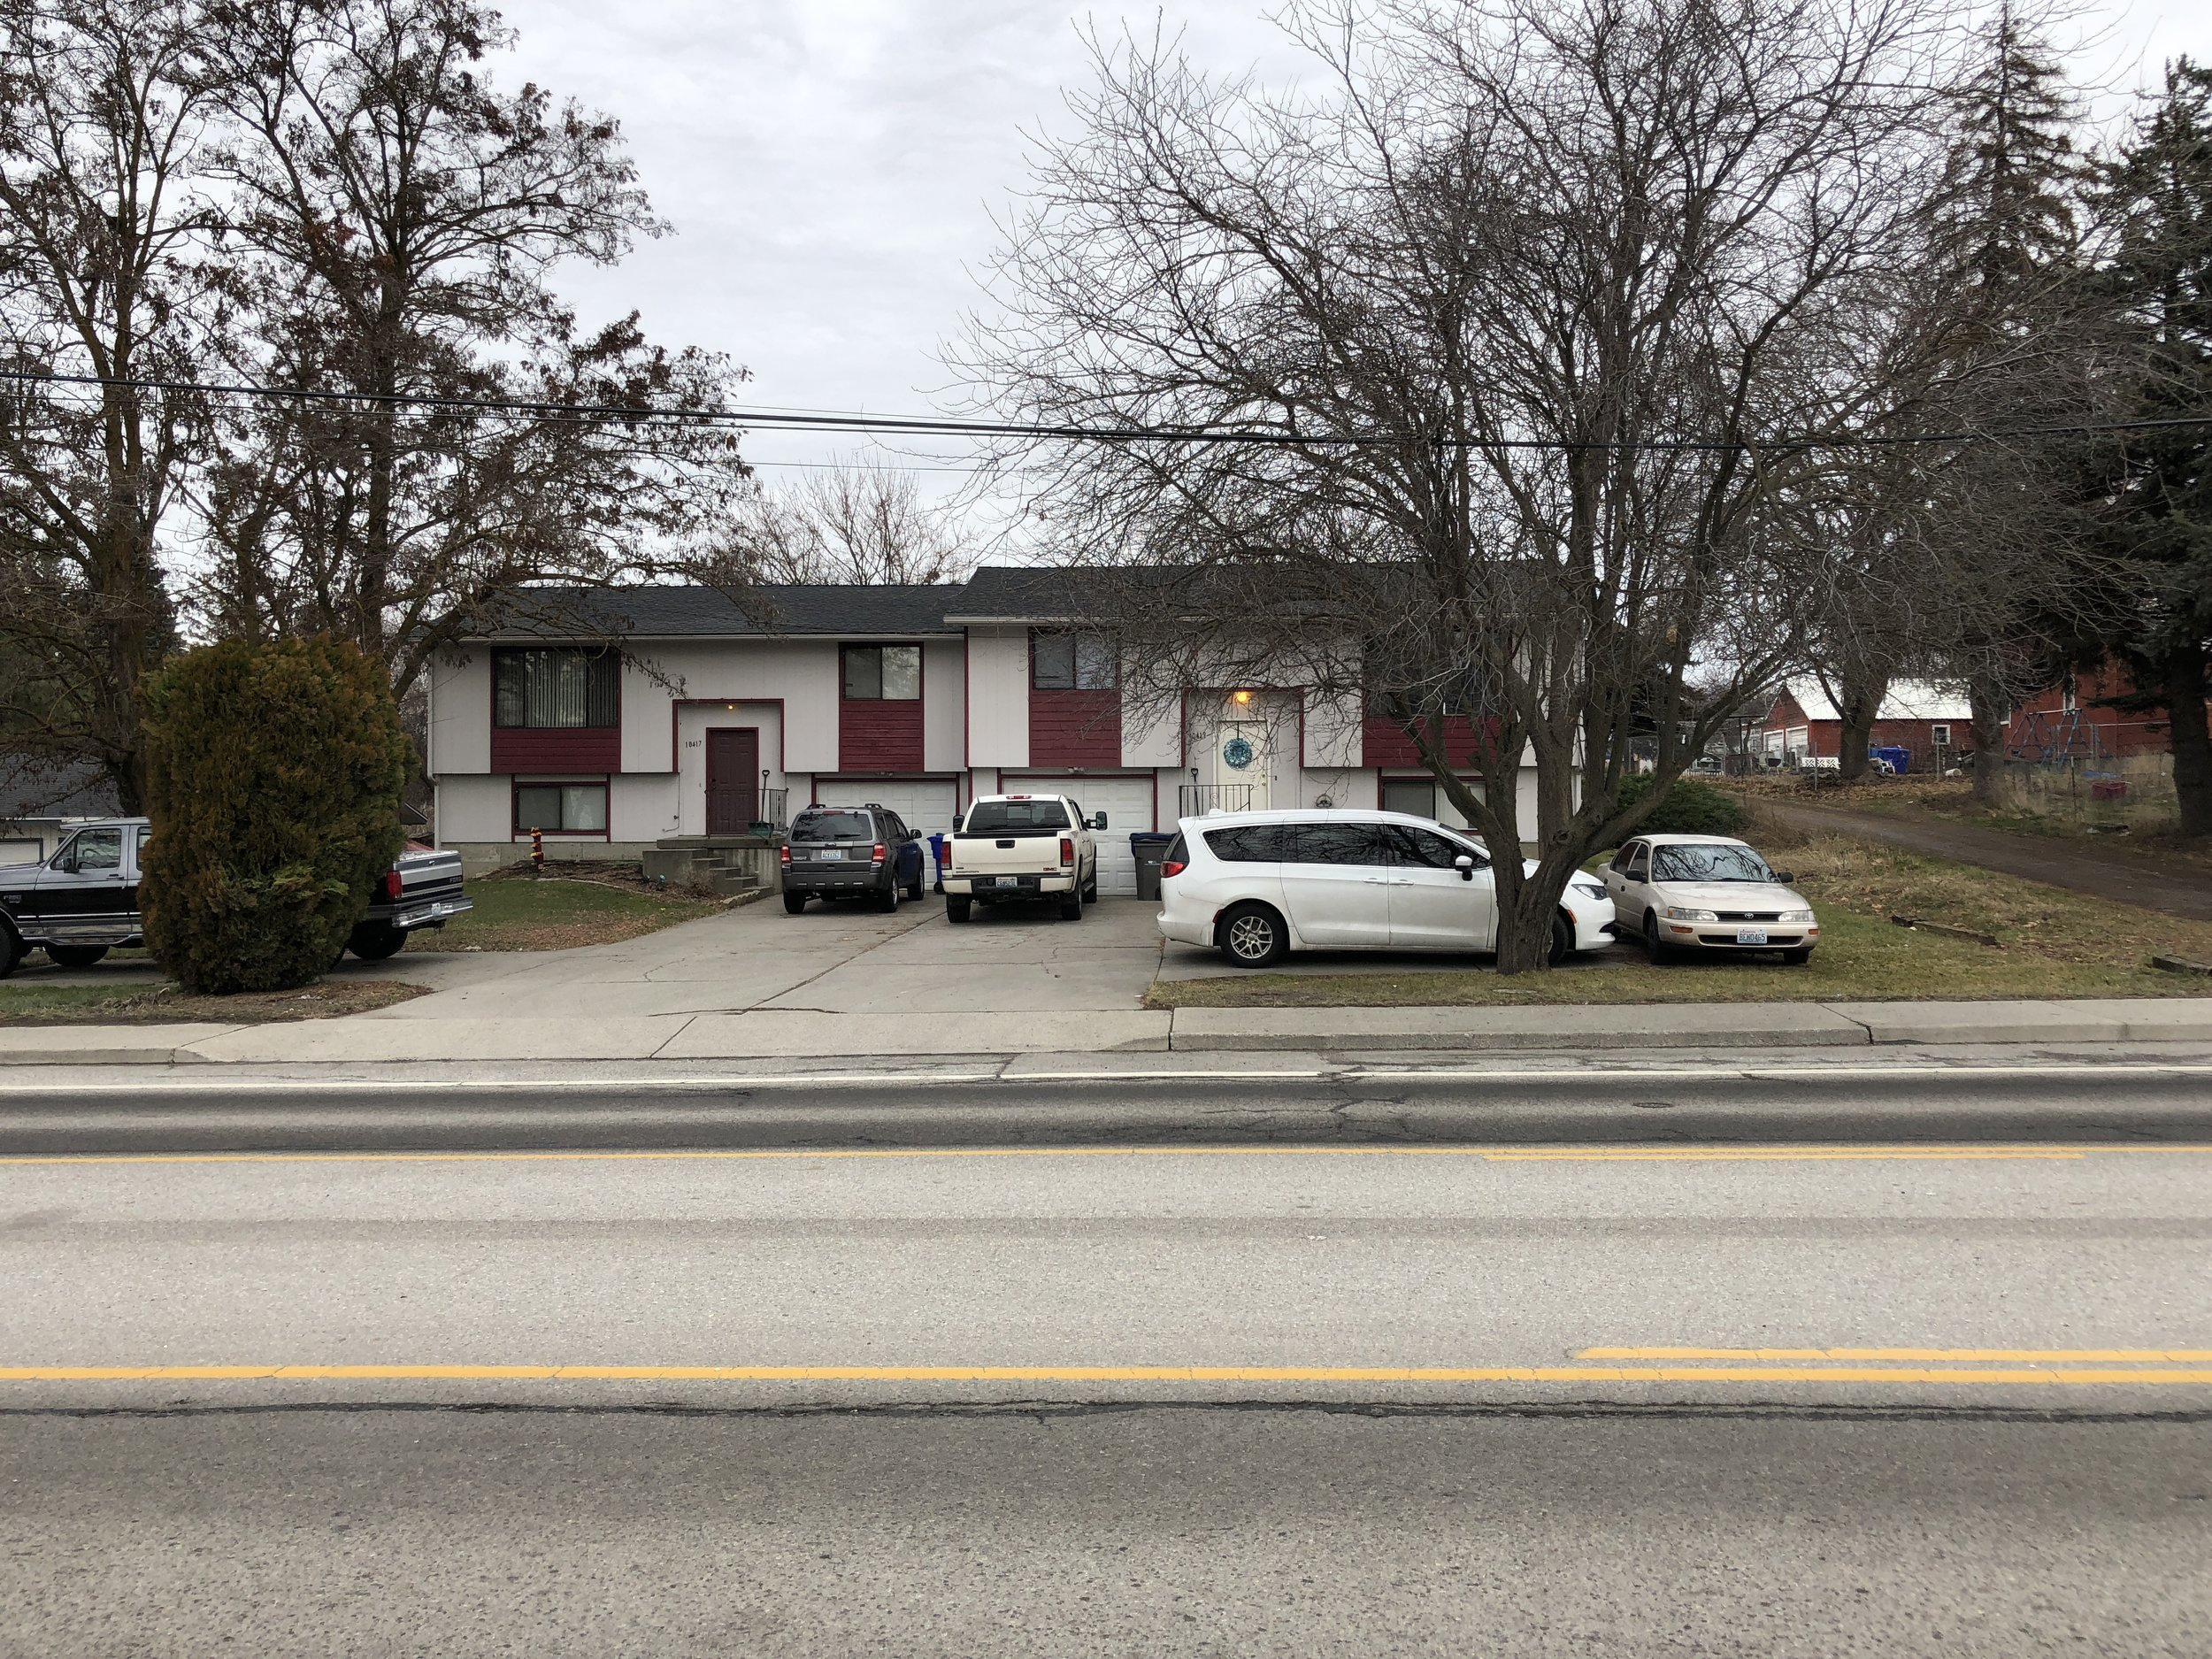 Duplex in Spokane Valley      Sale: $230,000